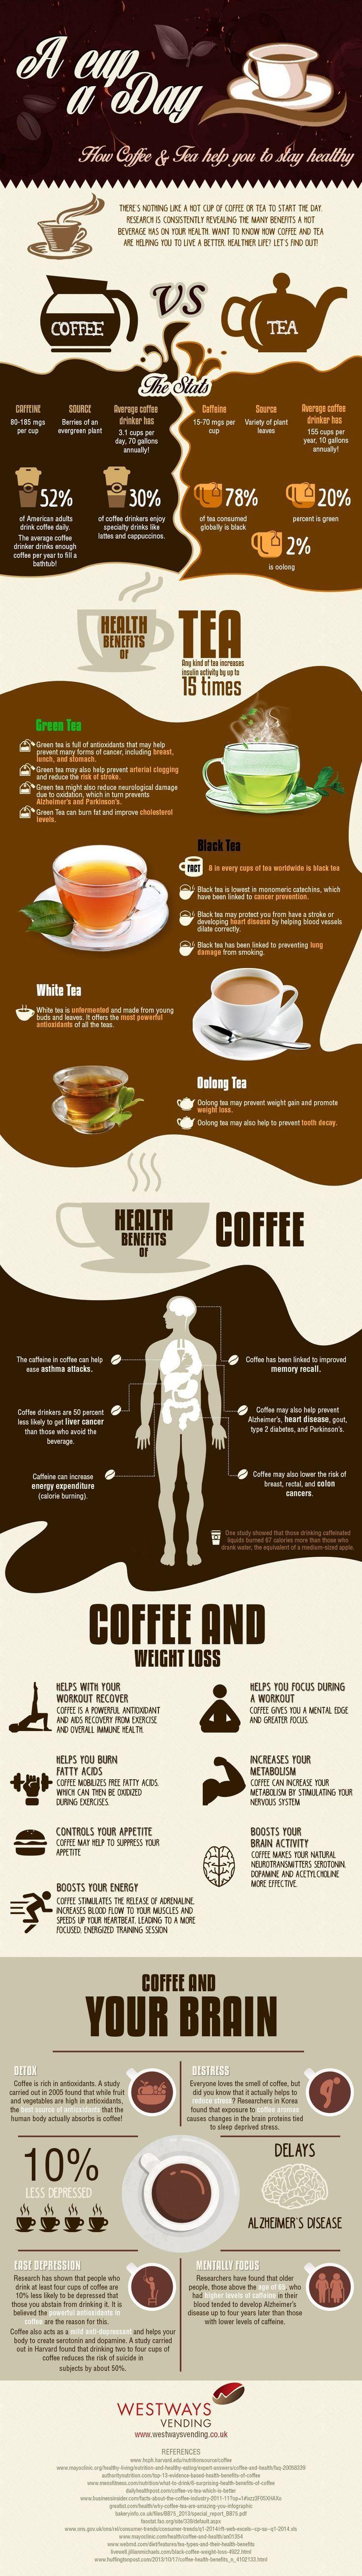 15313505ae52384d0d823a833ed76a14  health benefits of tea benefits of coffee Image Result For Health Benefits Of Coffee